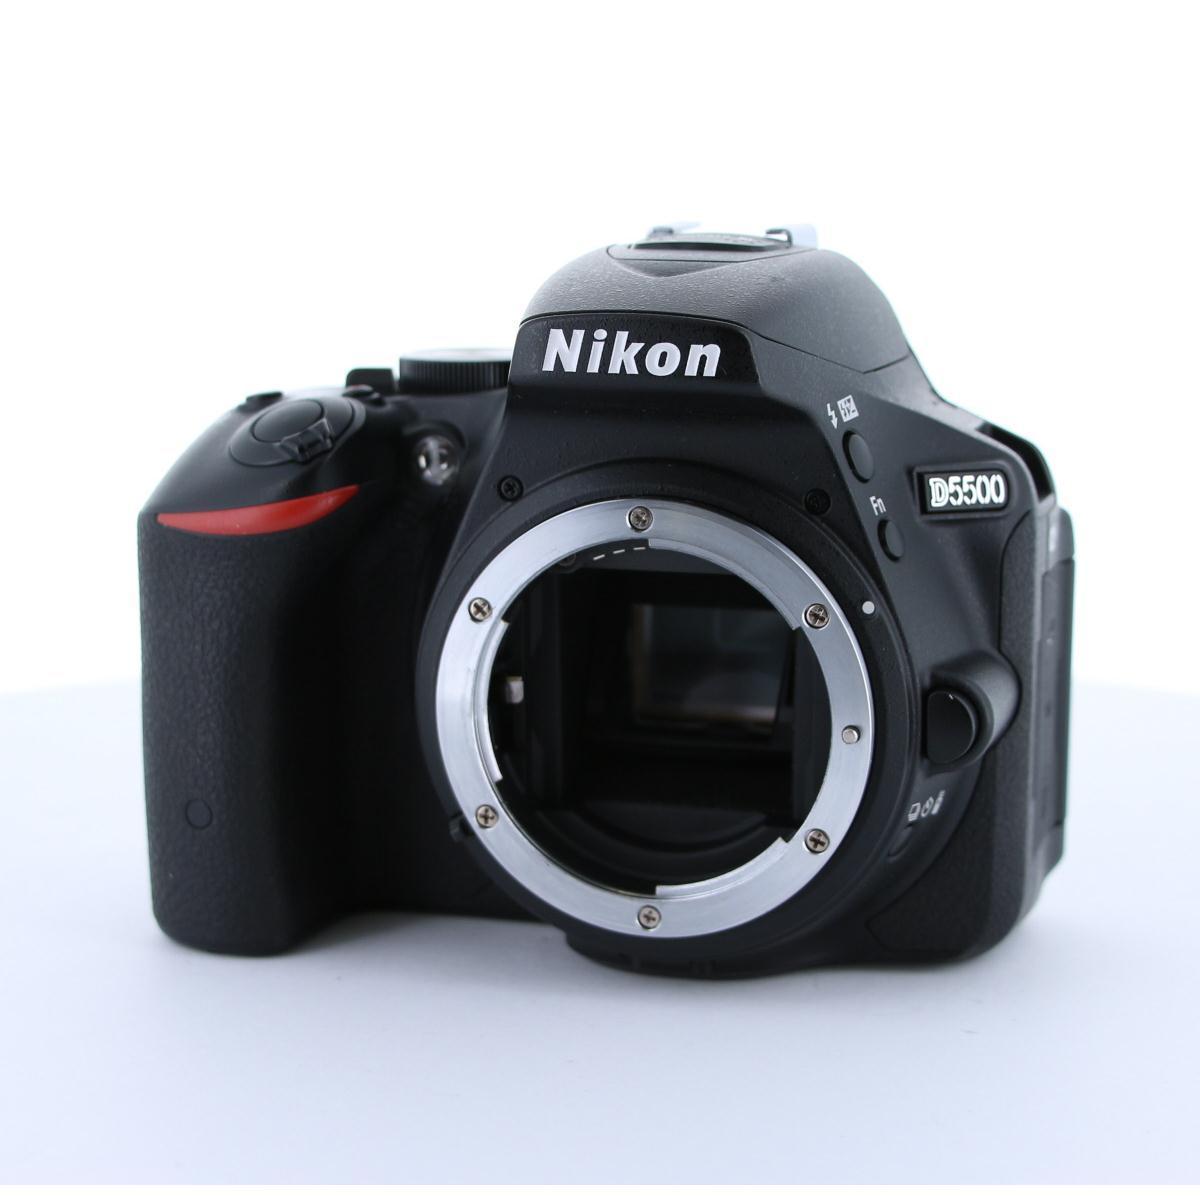 NIKON D5500【中古】